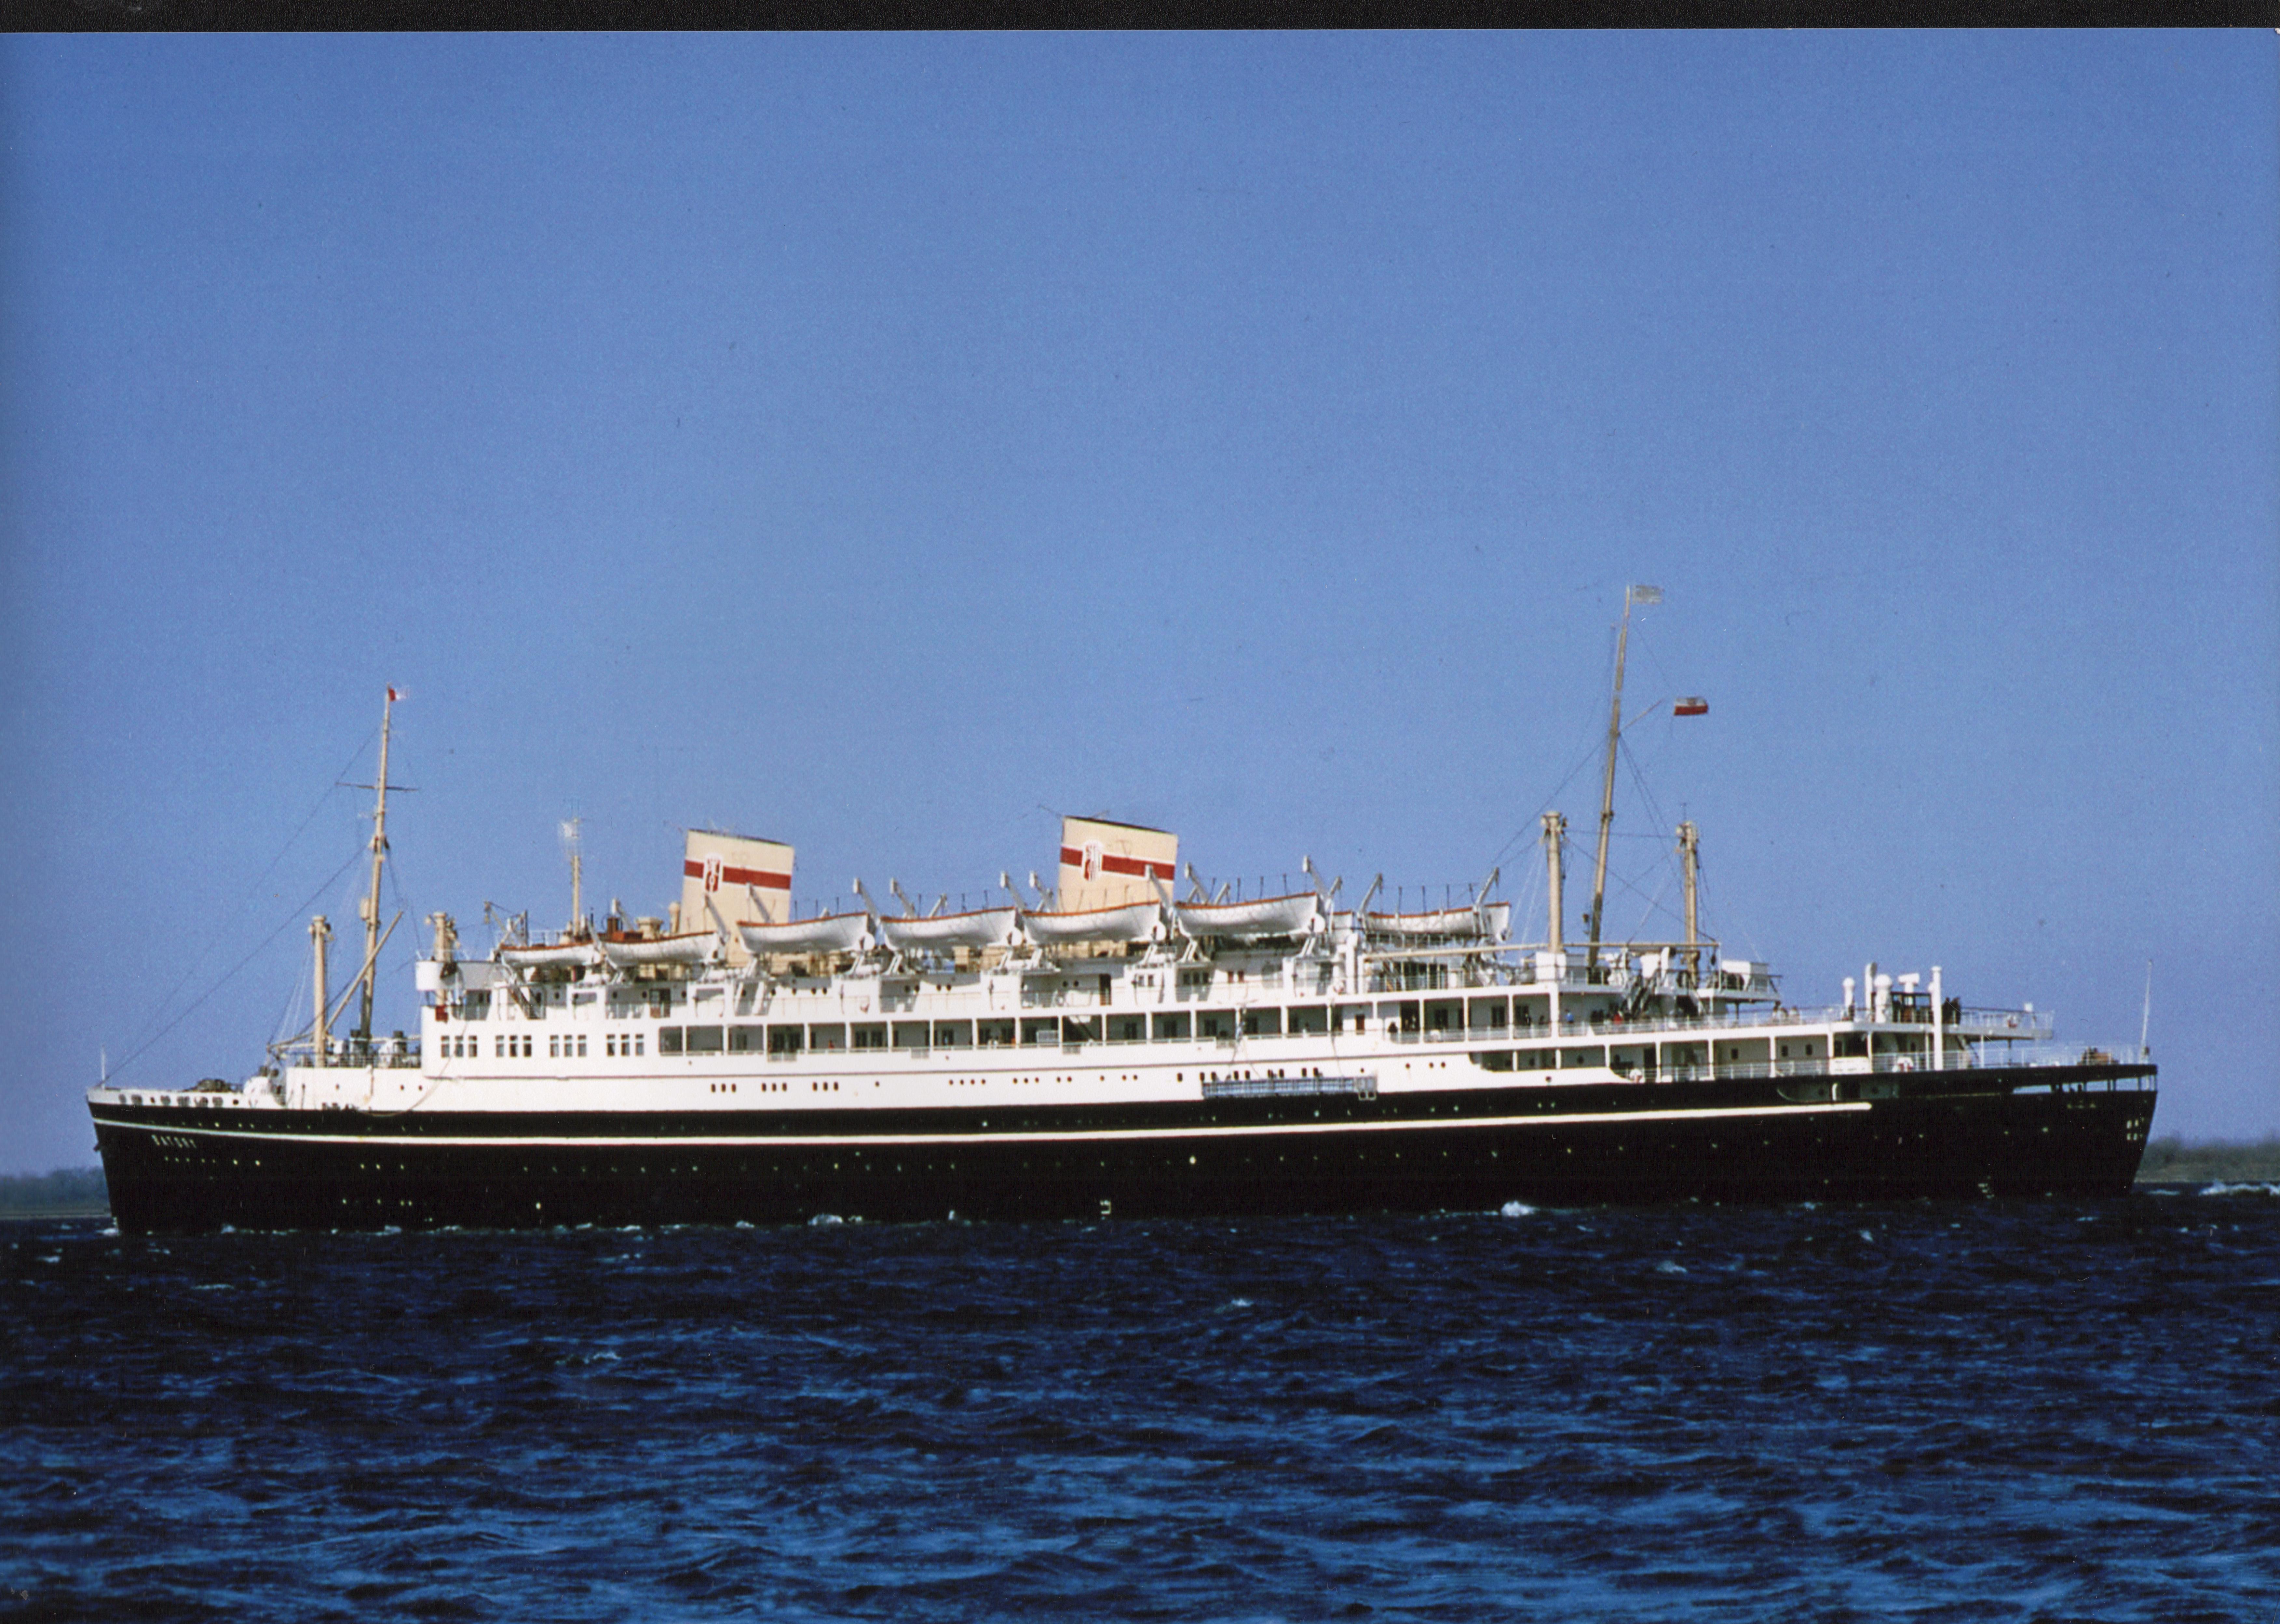 kolorowe zdjęcie statku na morzu